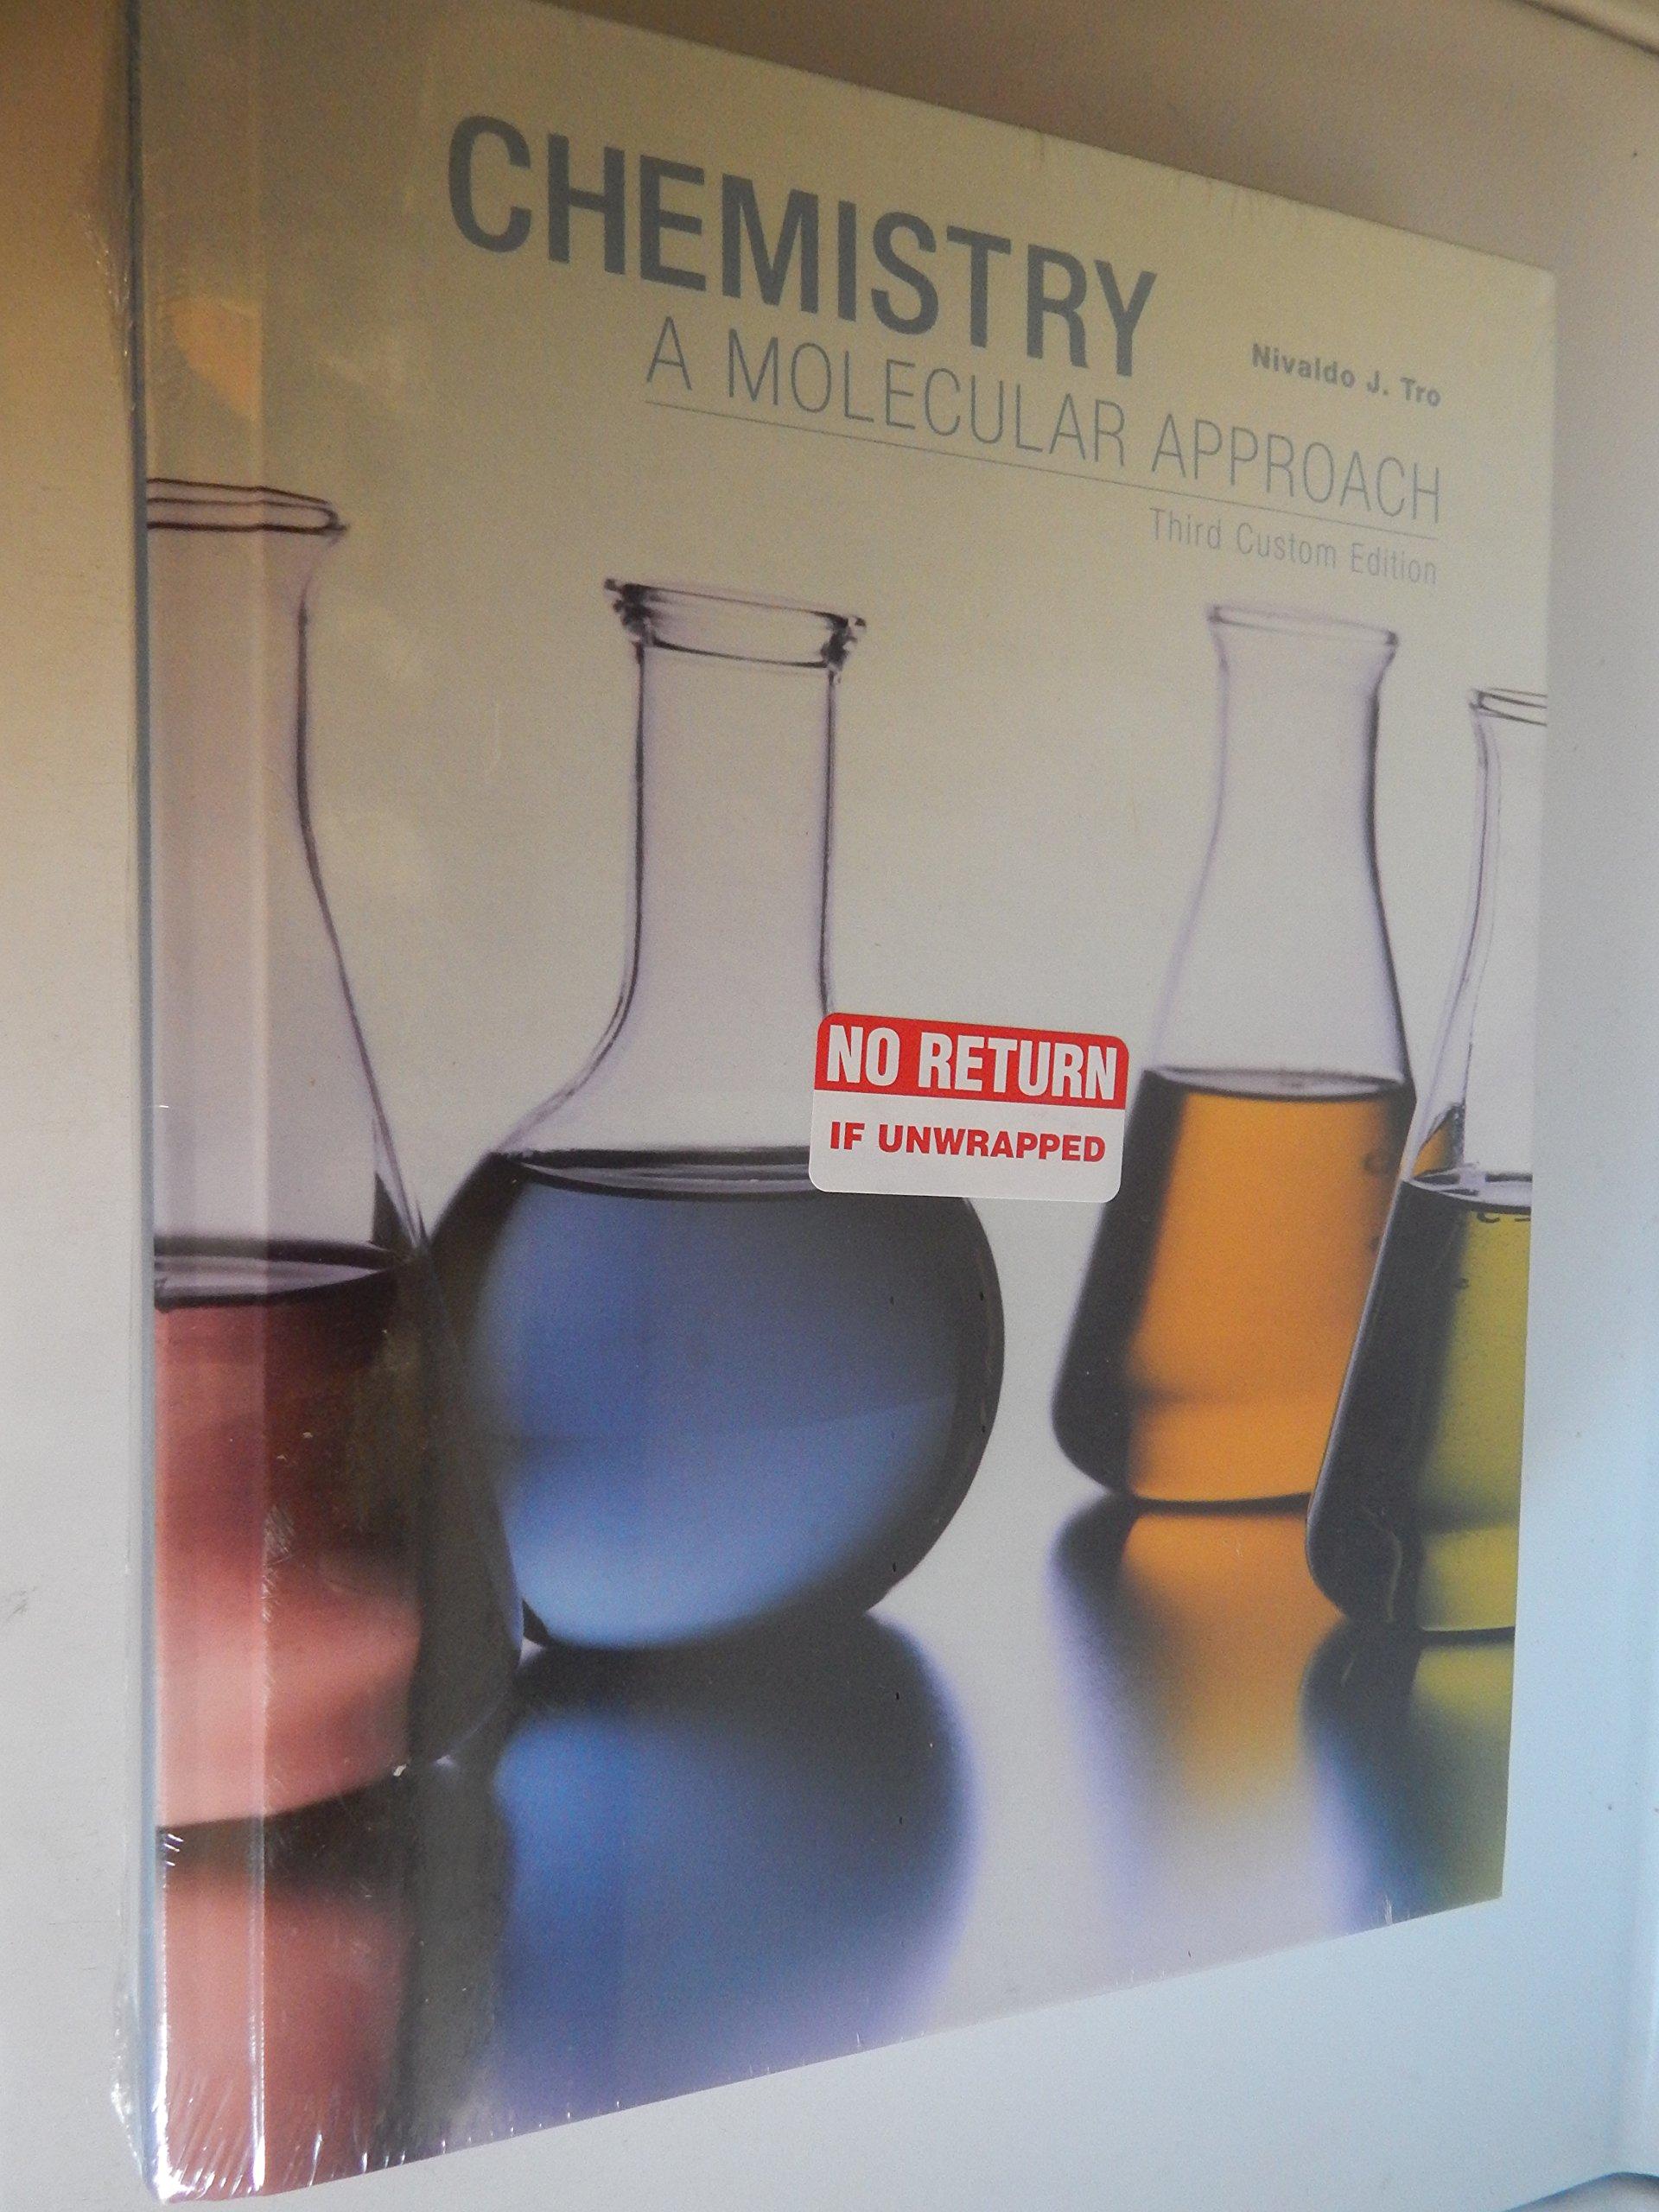 Download Chemistry A Molecular Approach Third Custom Edition ebook